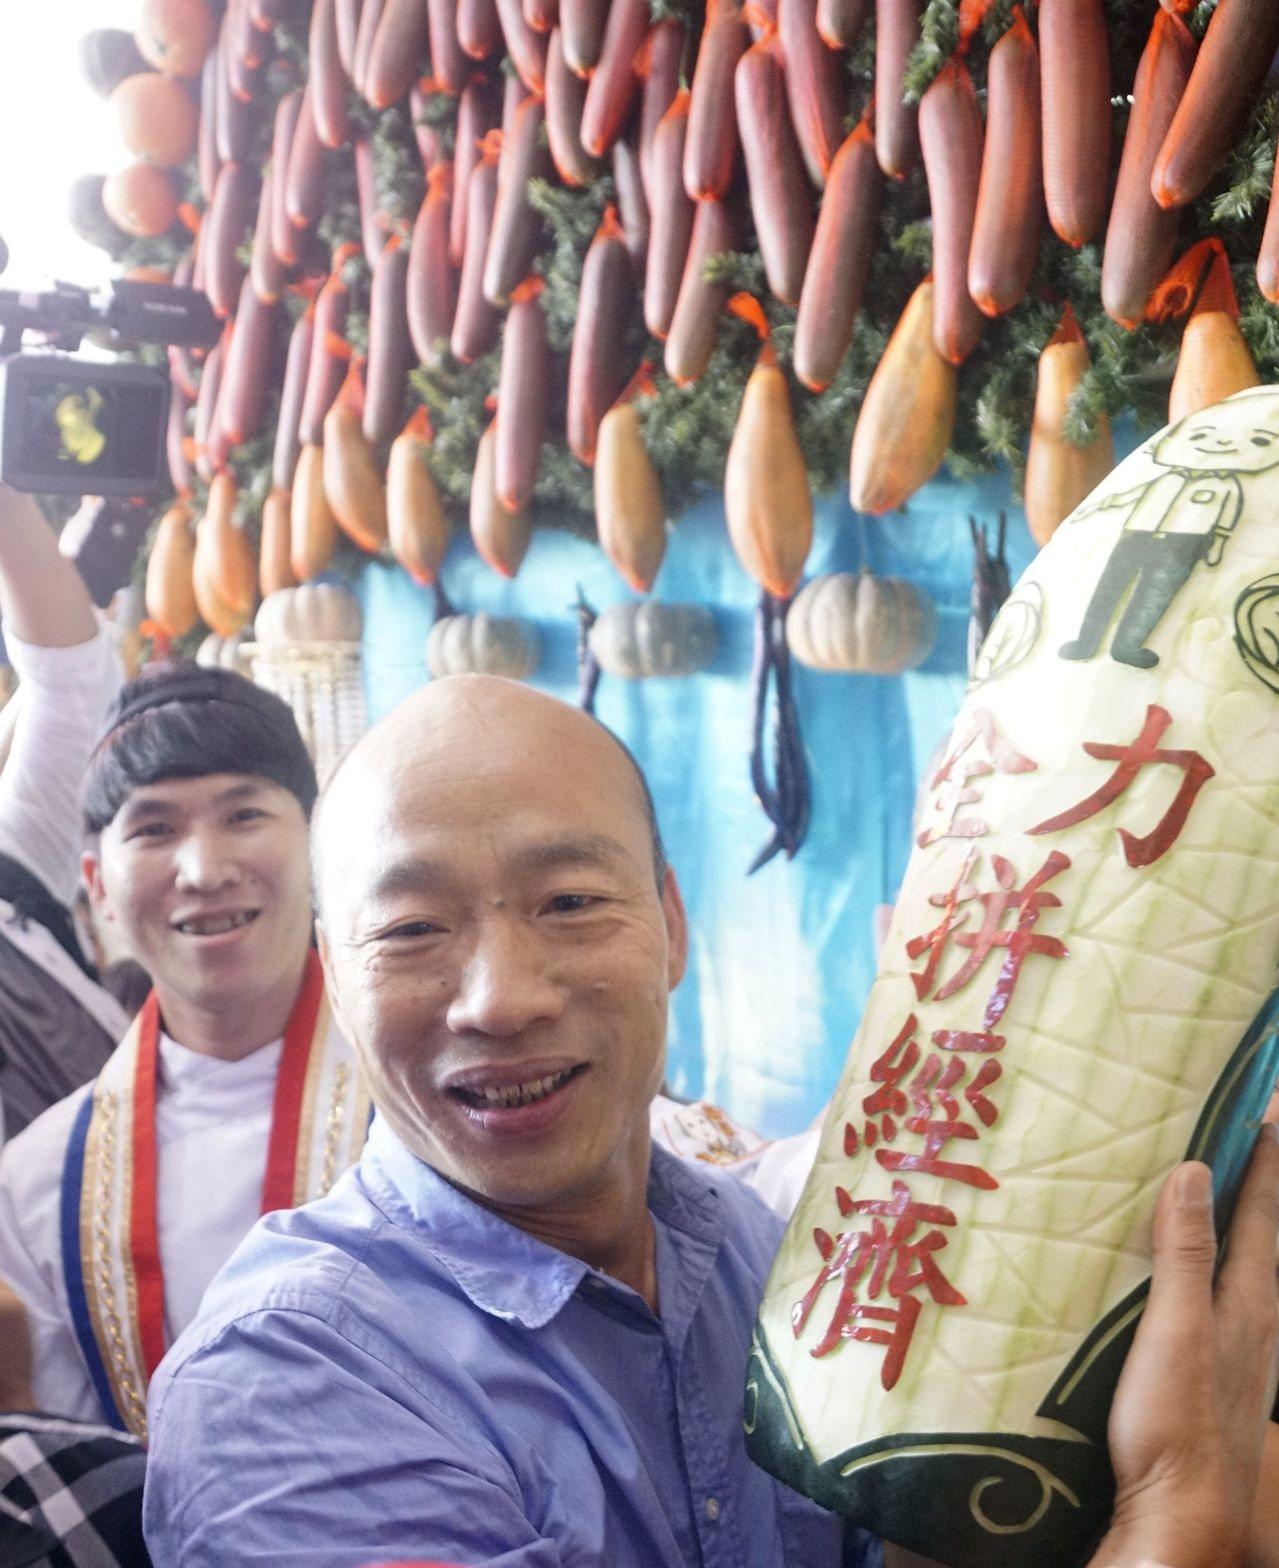 韓國瑜競選以來強調要全力拚經濟,昨天在杉林區瓜瓜節看見一顆雕刻著「全力拚經濟」的...